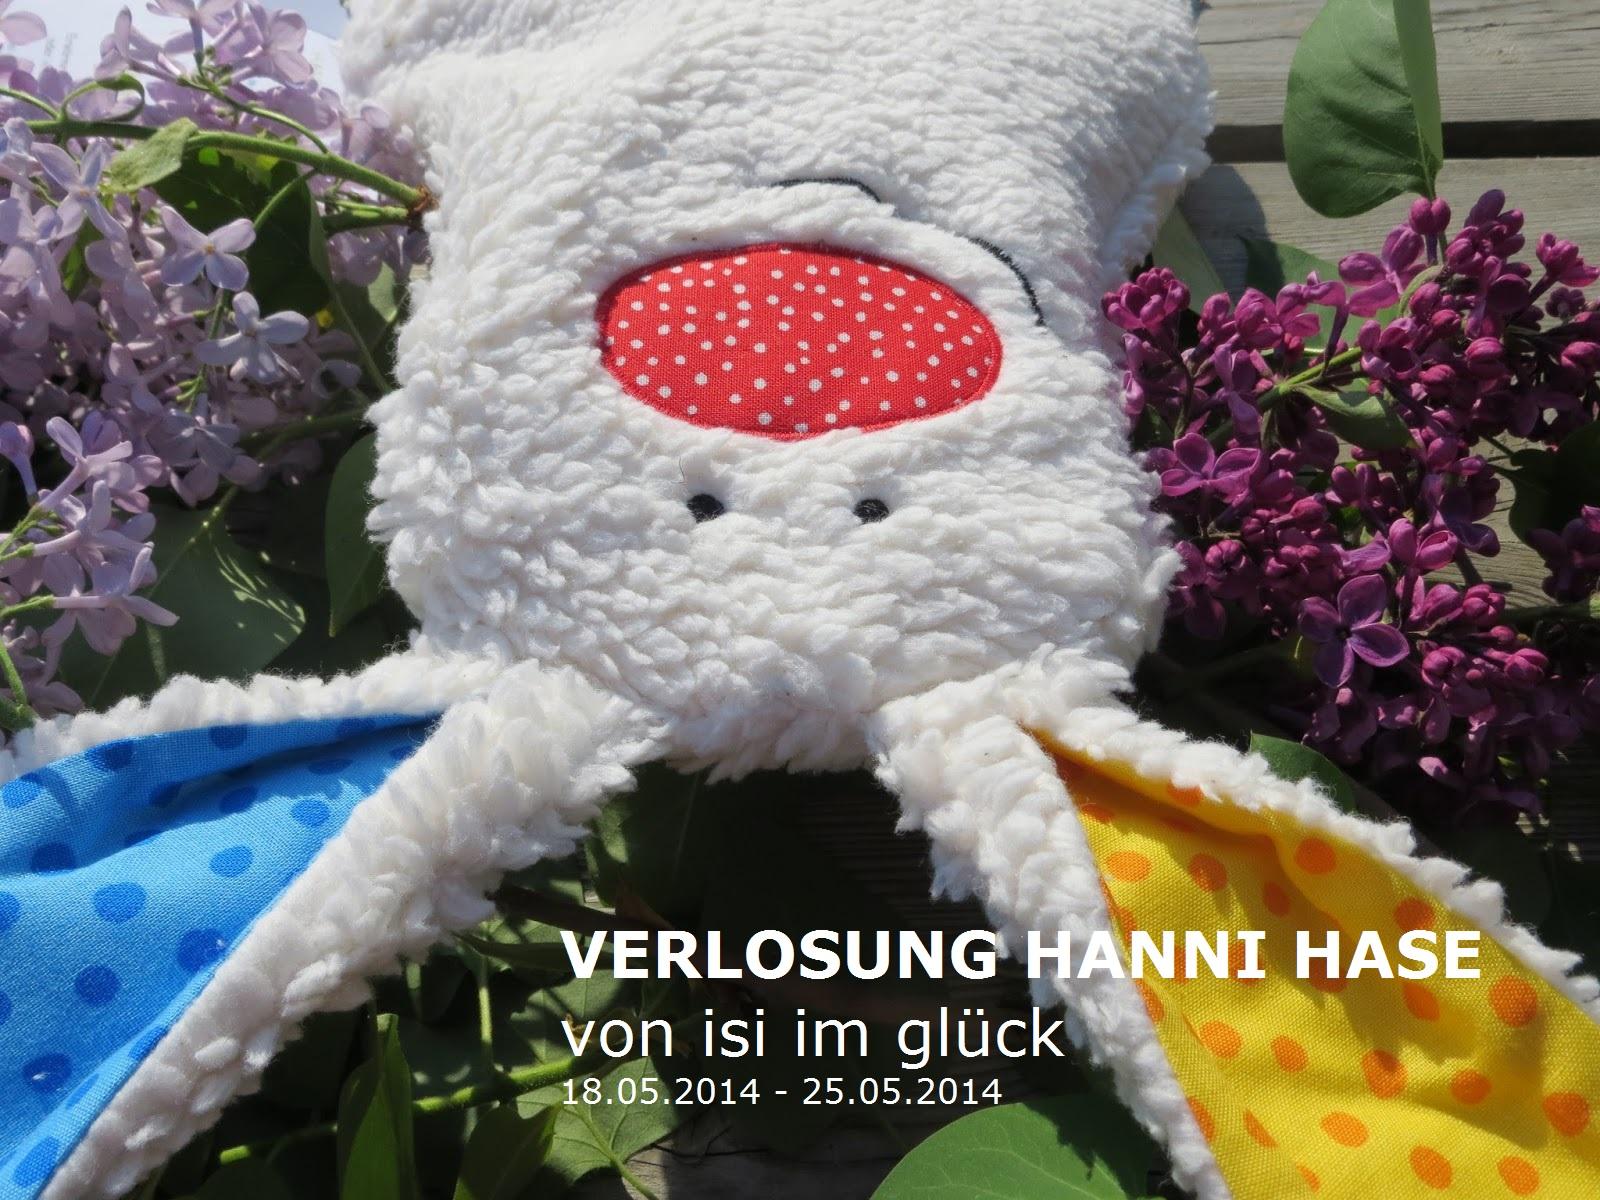 http://isi-im-glueck.blogspot.de/2014/05/verlosung-hanni-hase-mit.html